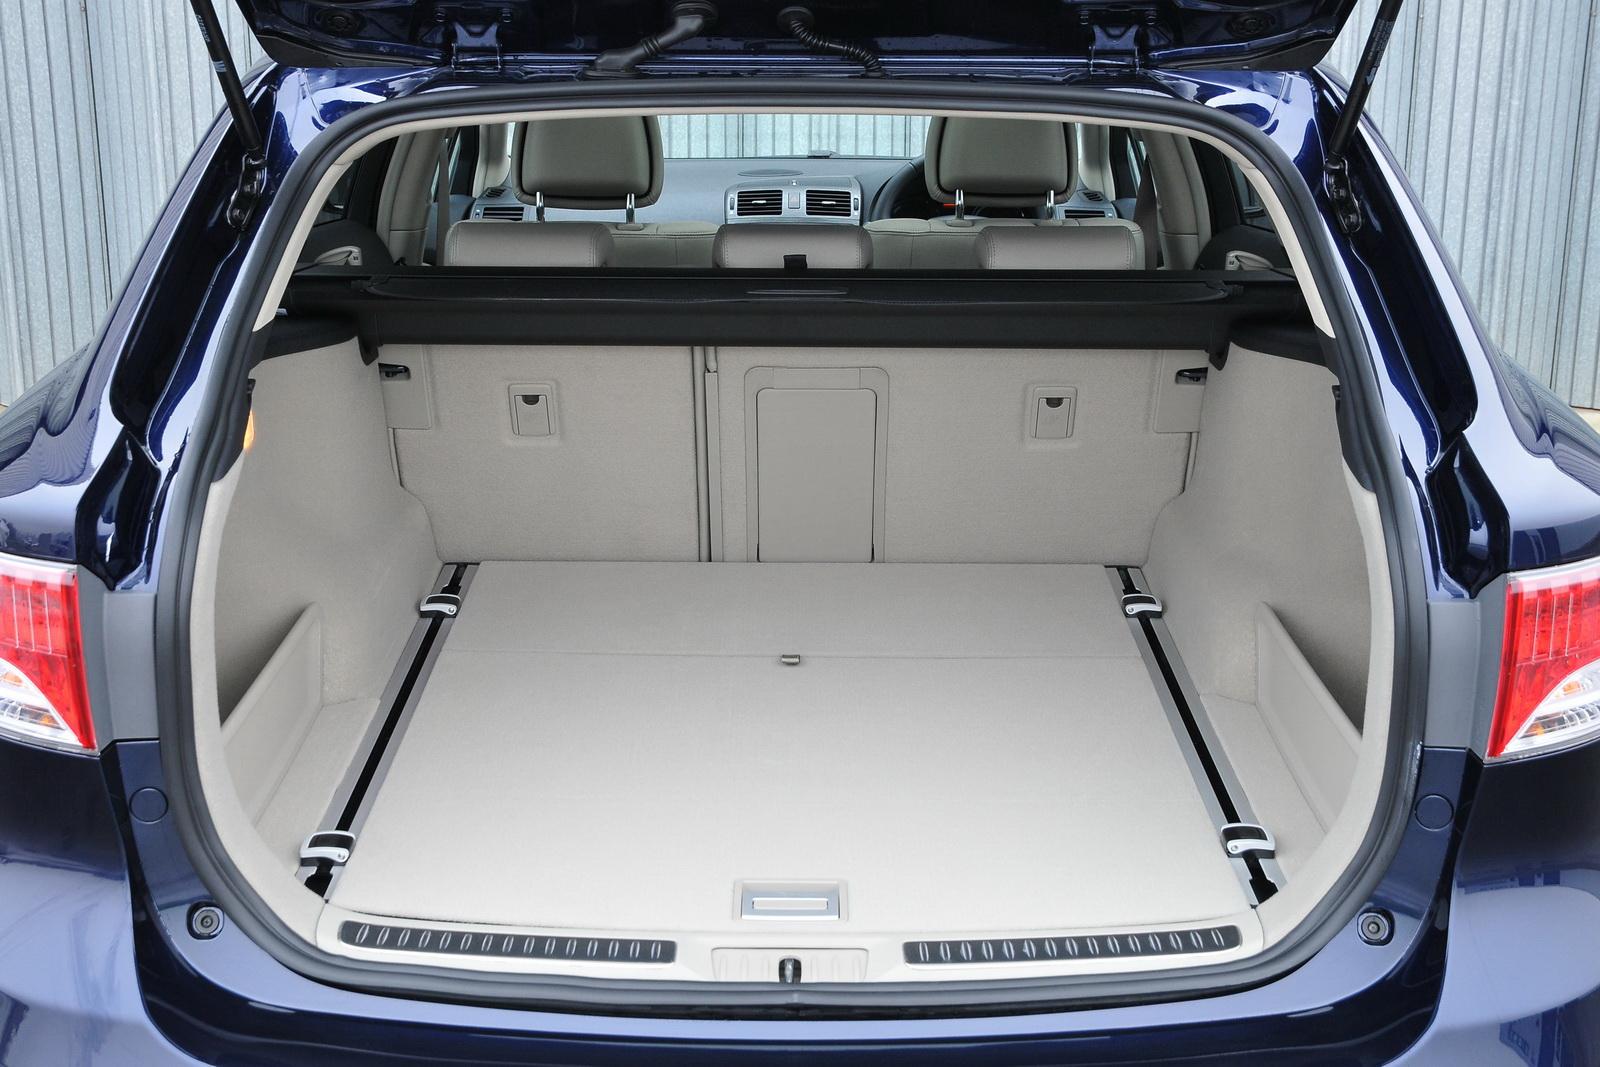 Toyota Avensis (Тойота Авенсис) - Продажа, Цены, Отзывы ...